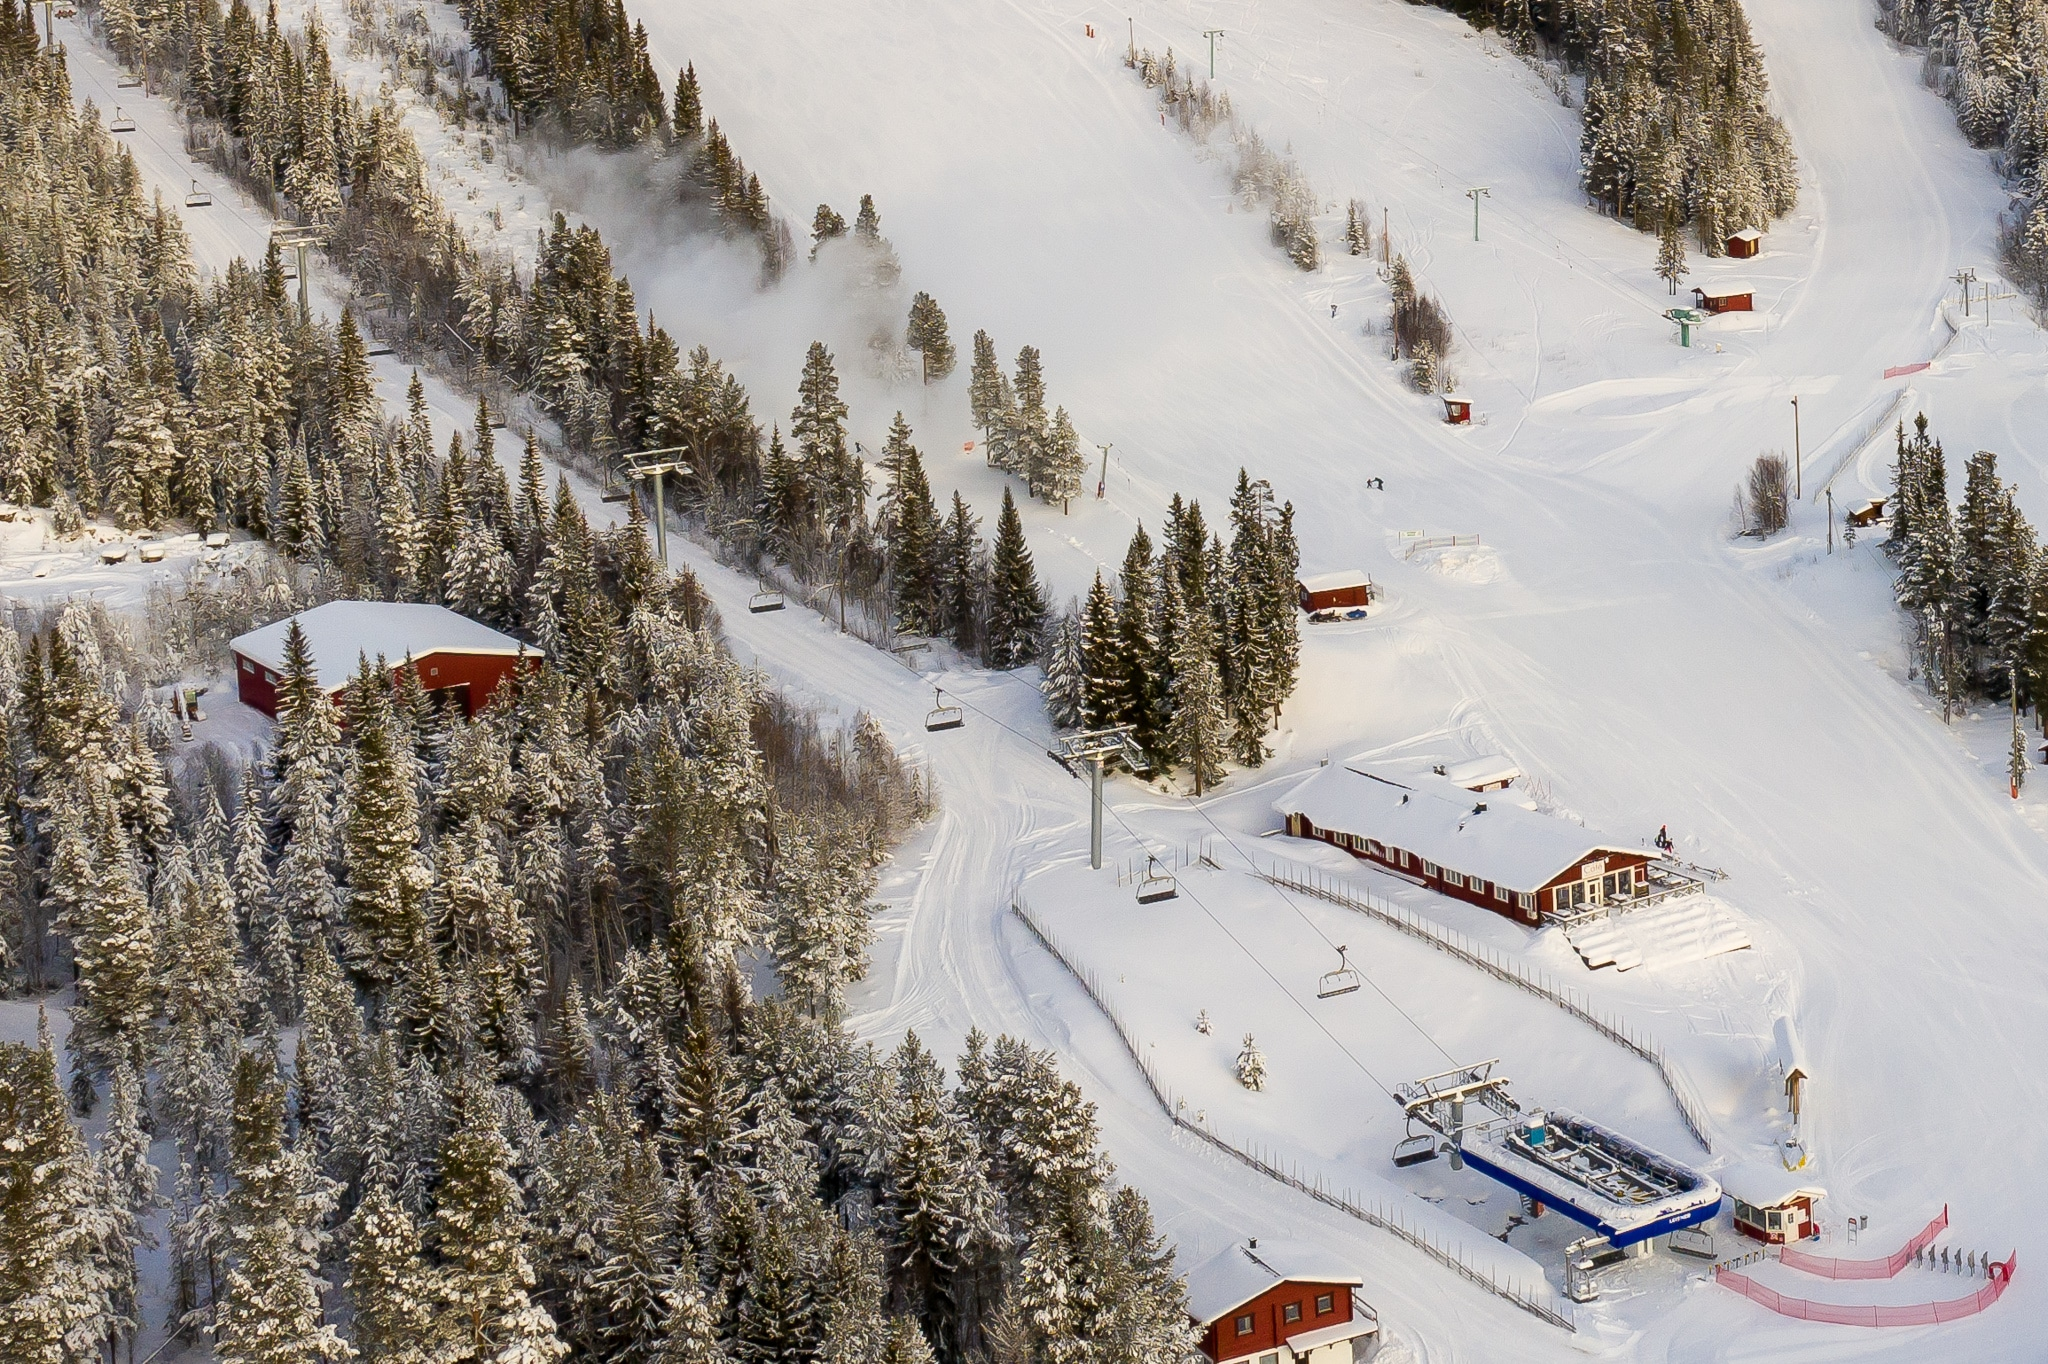 16-åring föll från sittlift i Lofsdalen